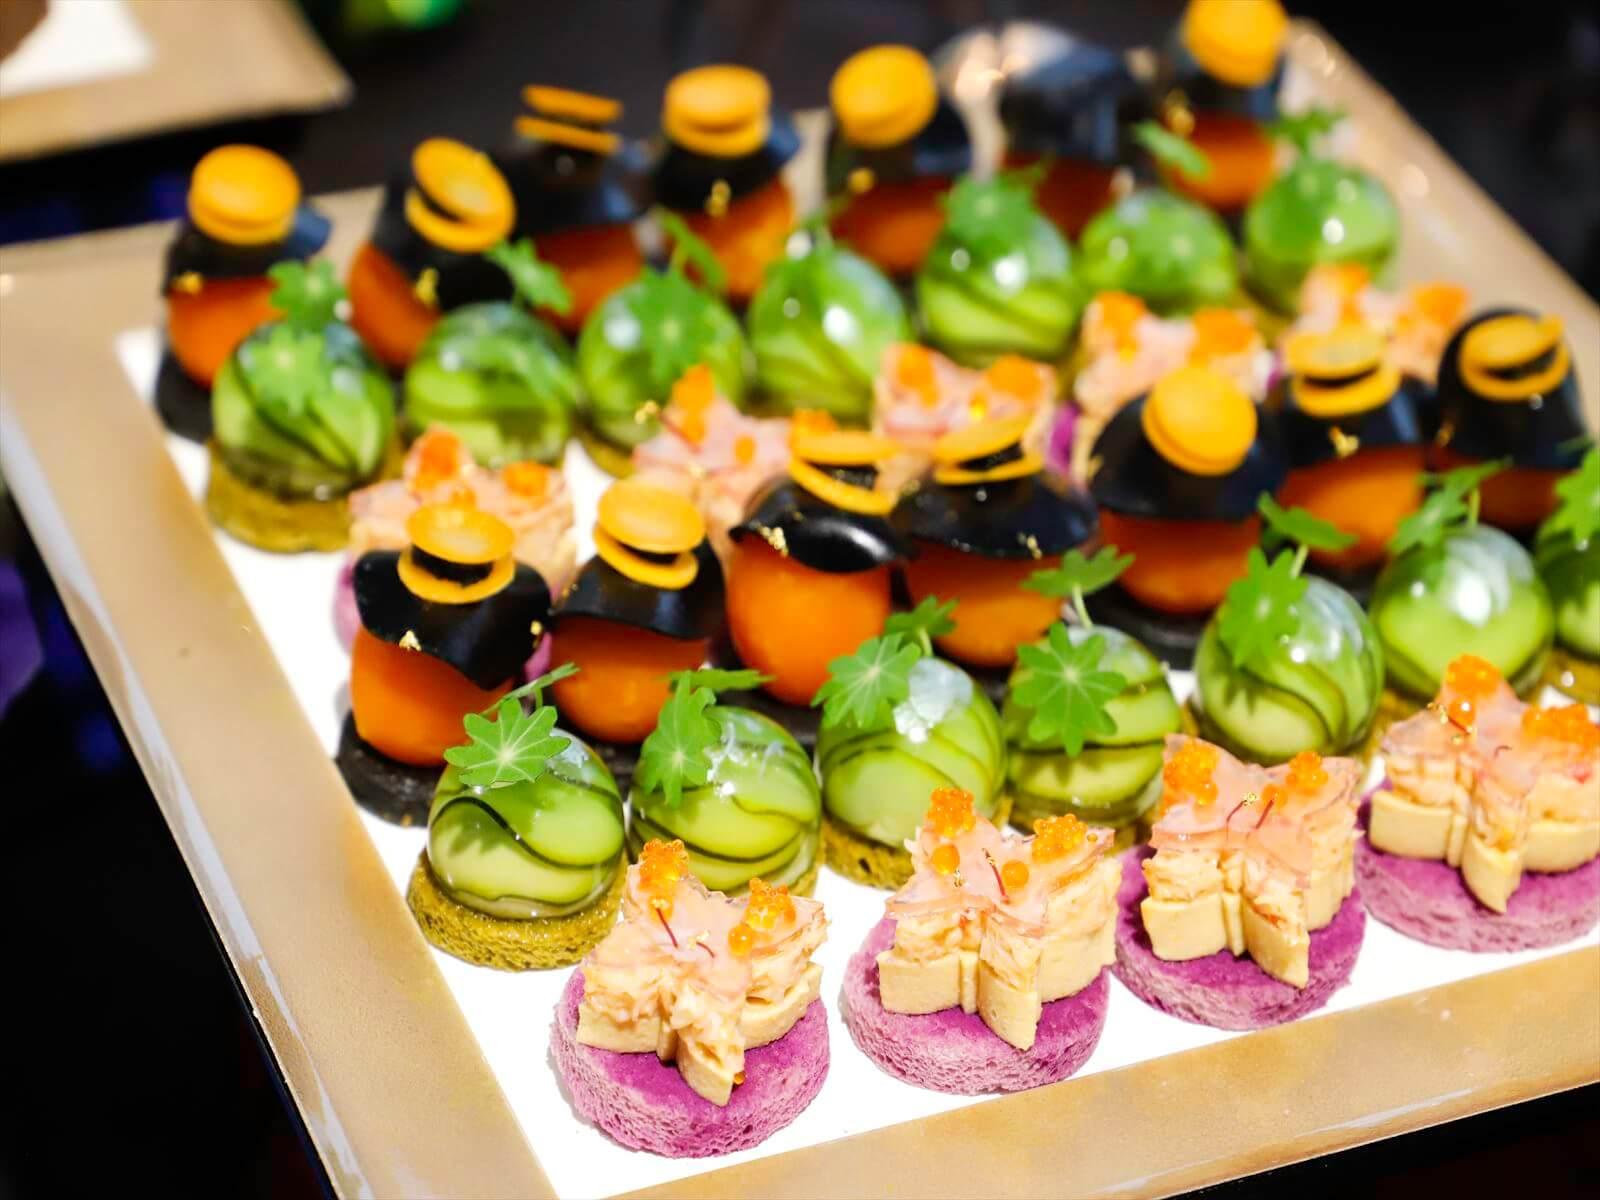 【ボリューム満点】特製創作寿司つき!フォリクラッセの本格パーティー向け豪華ケータリングプラン画像1